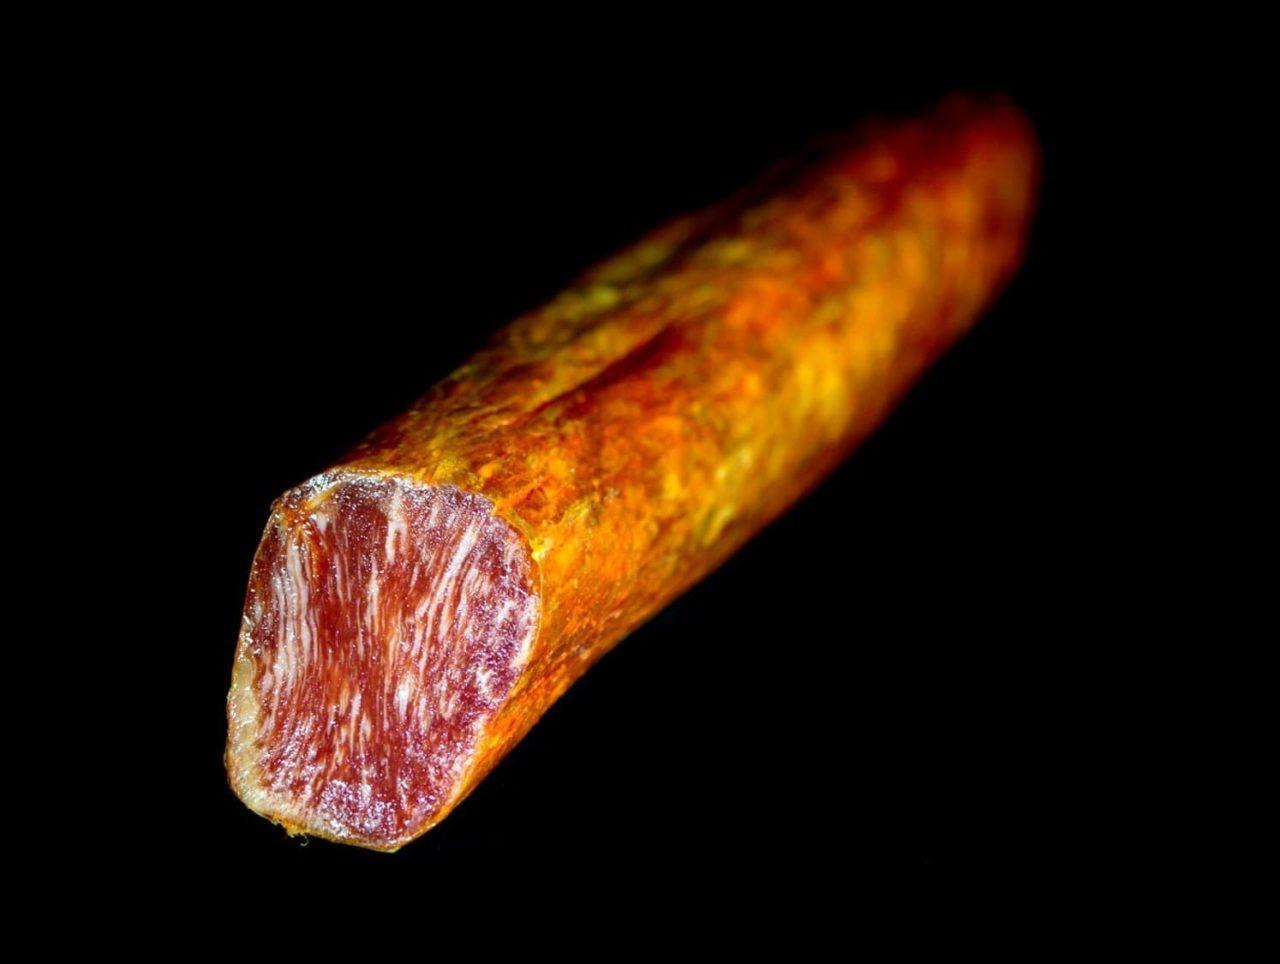 Lomo 100% Ibérico de Bellota | Iberico pork loin